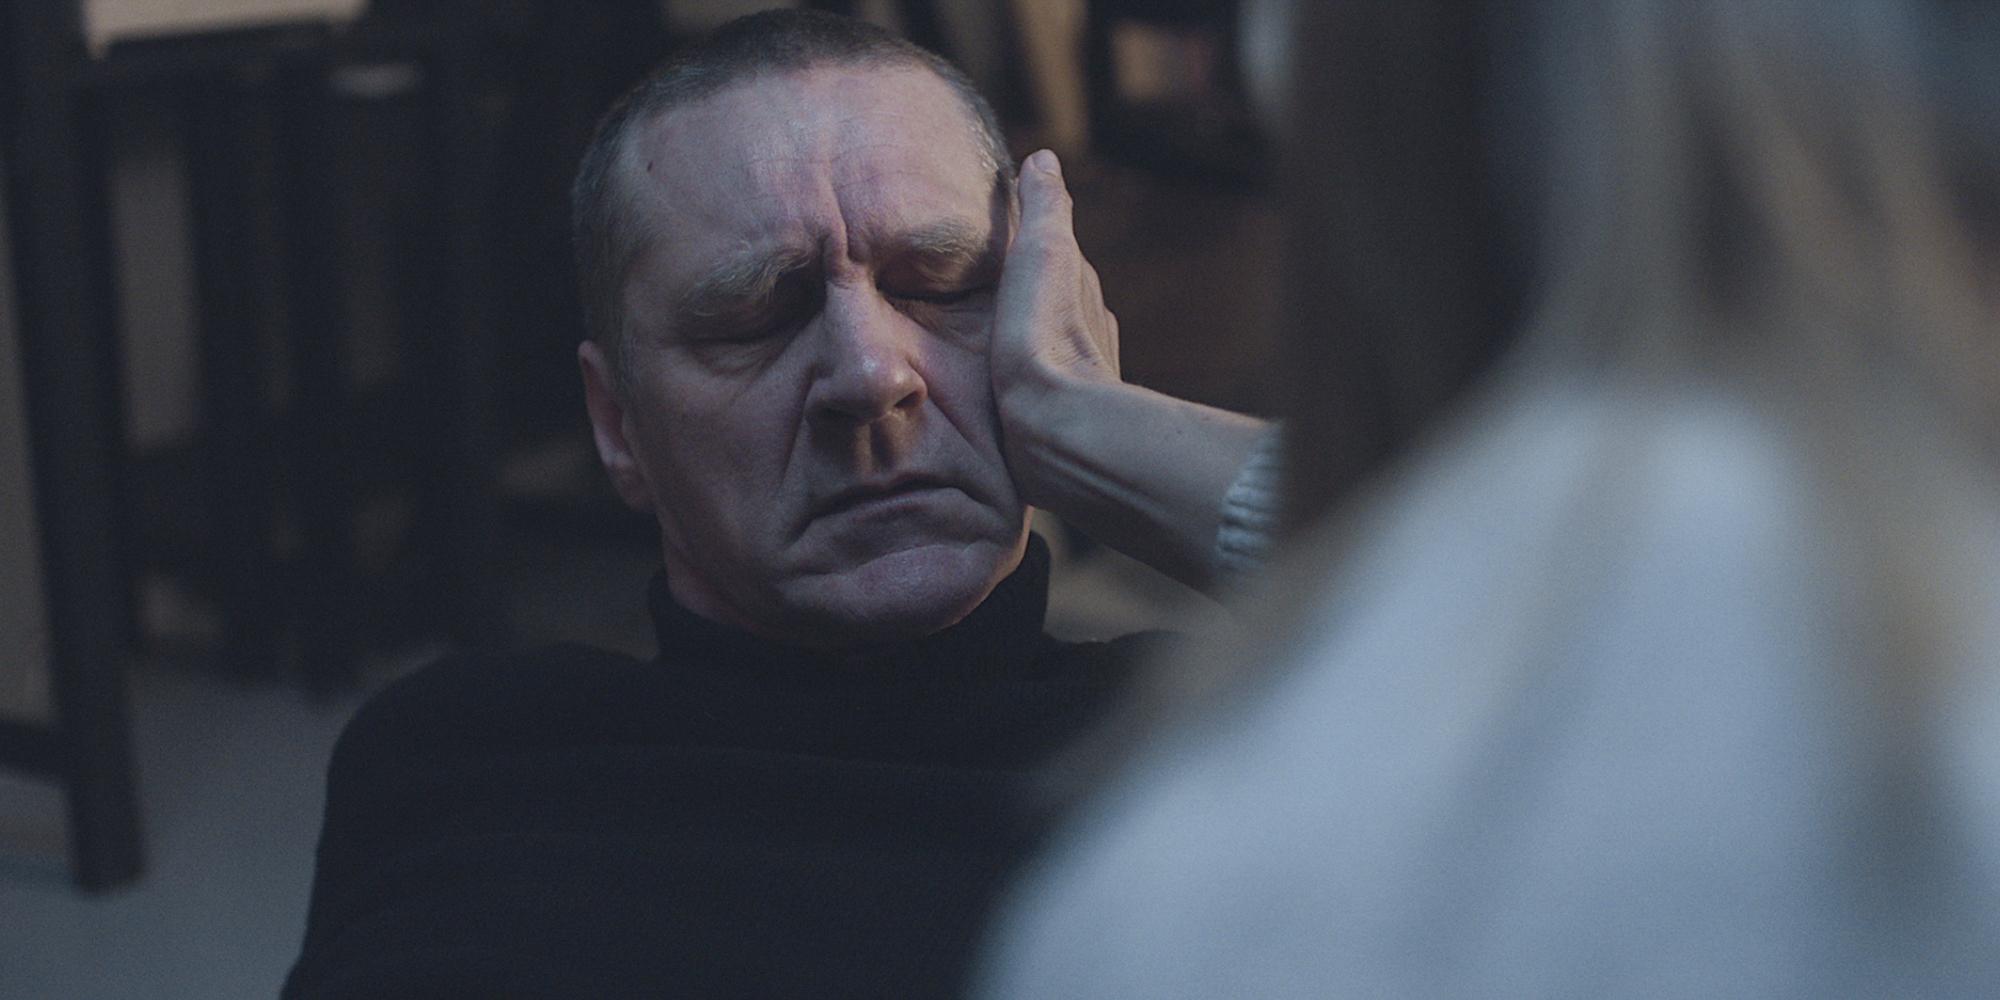 Ville Virtanen in Poikia ja rakastajia 2/3 (2019)